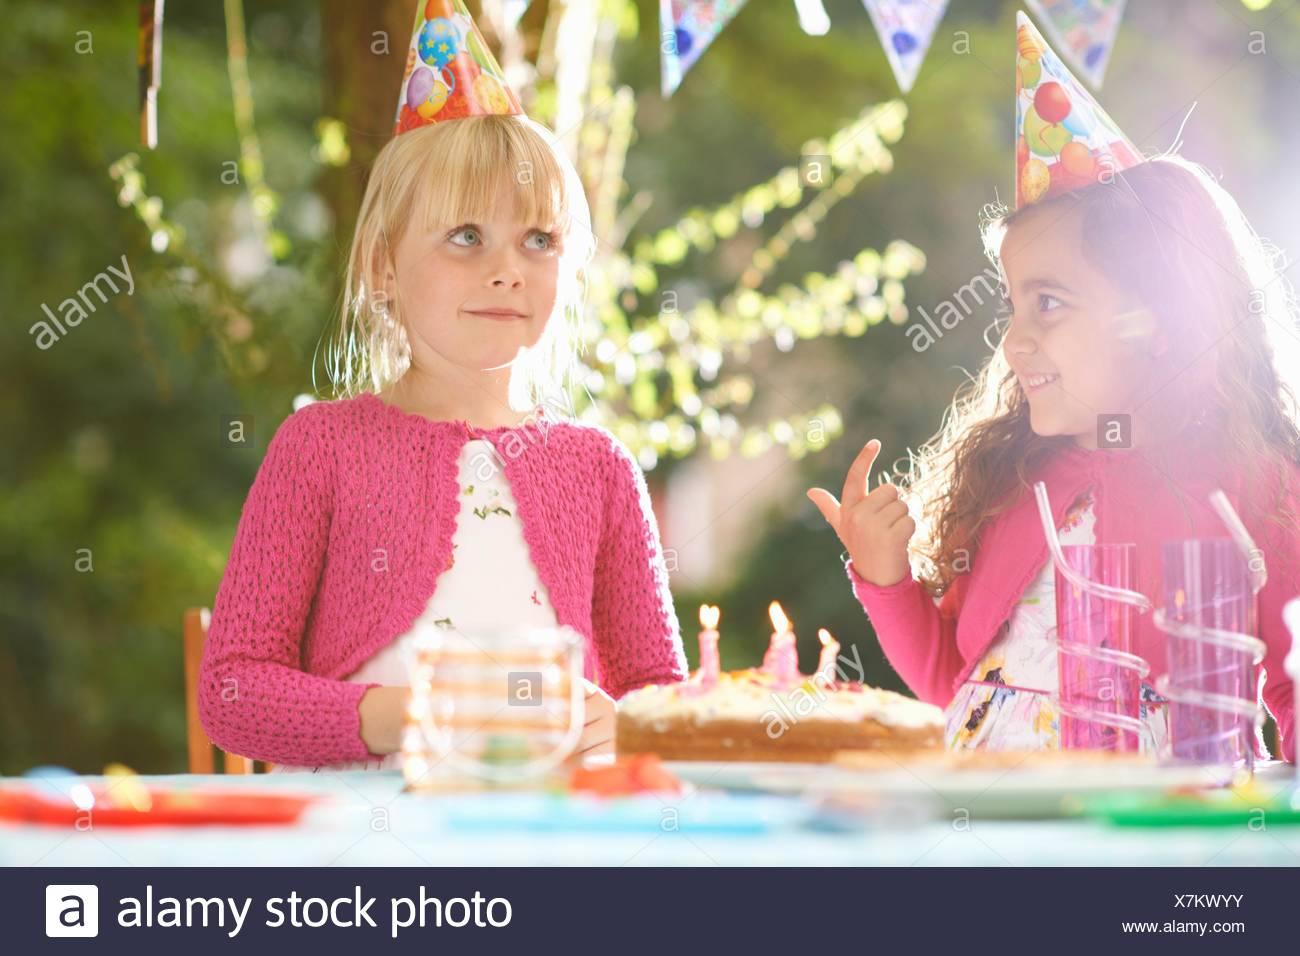 Les filles avec le doigt dans le gâteau d'anniversaire au jardin d'anniversaire Photo Stock